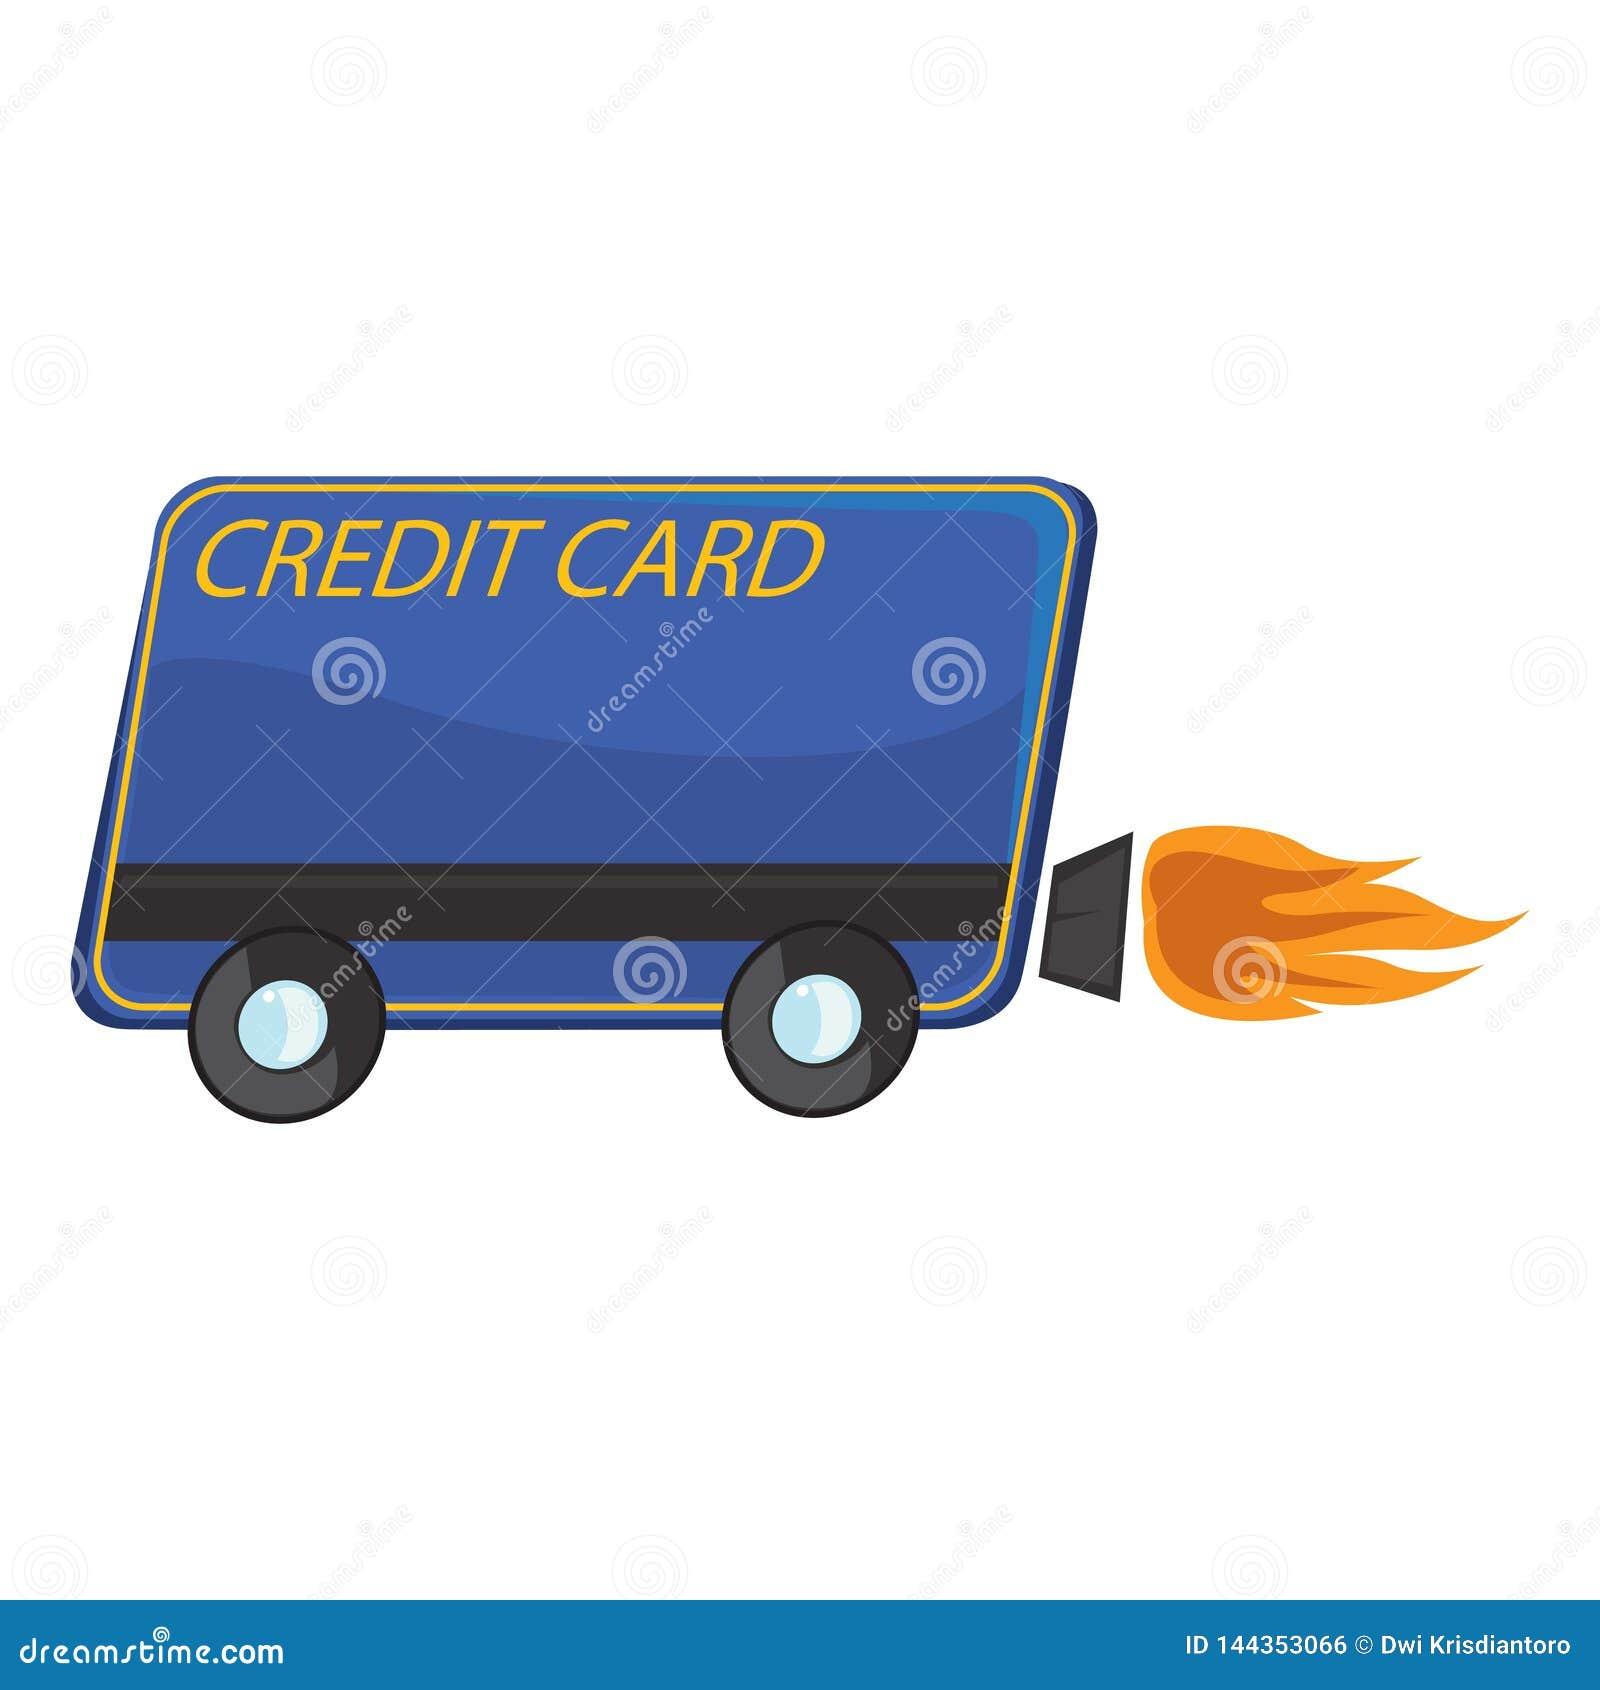 En illustration med ett kreditkorttema som har hjul och en turboladdare bak den